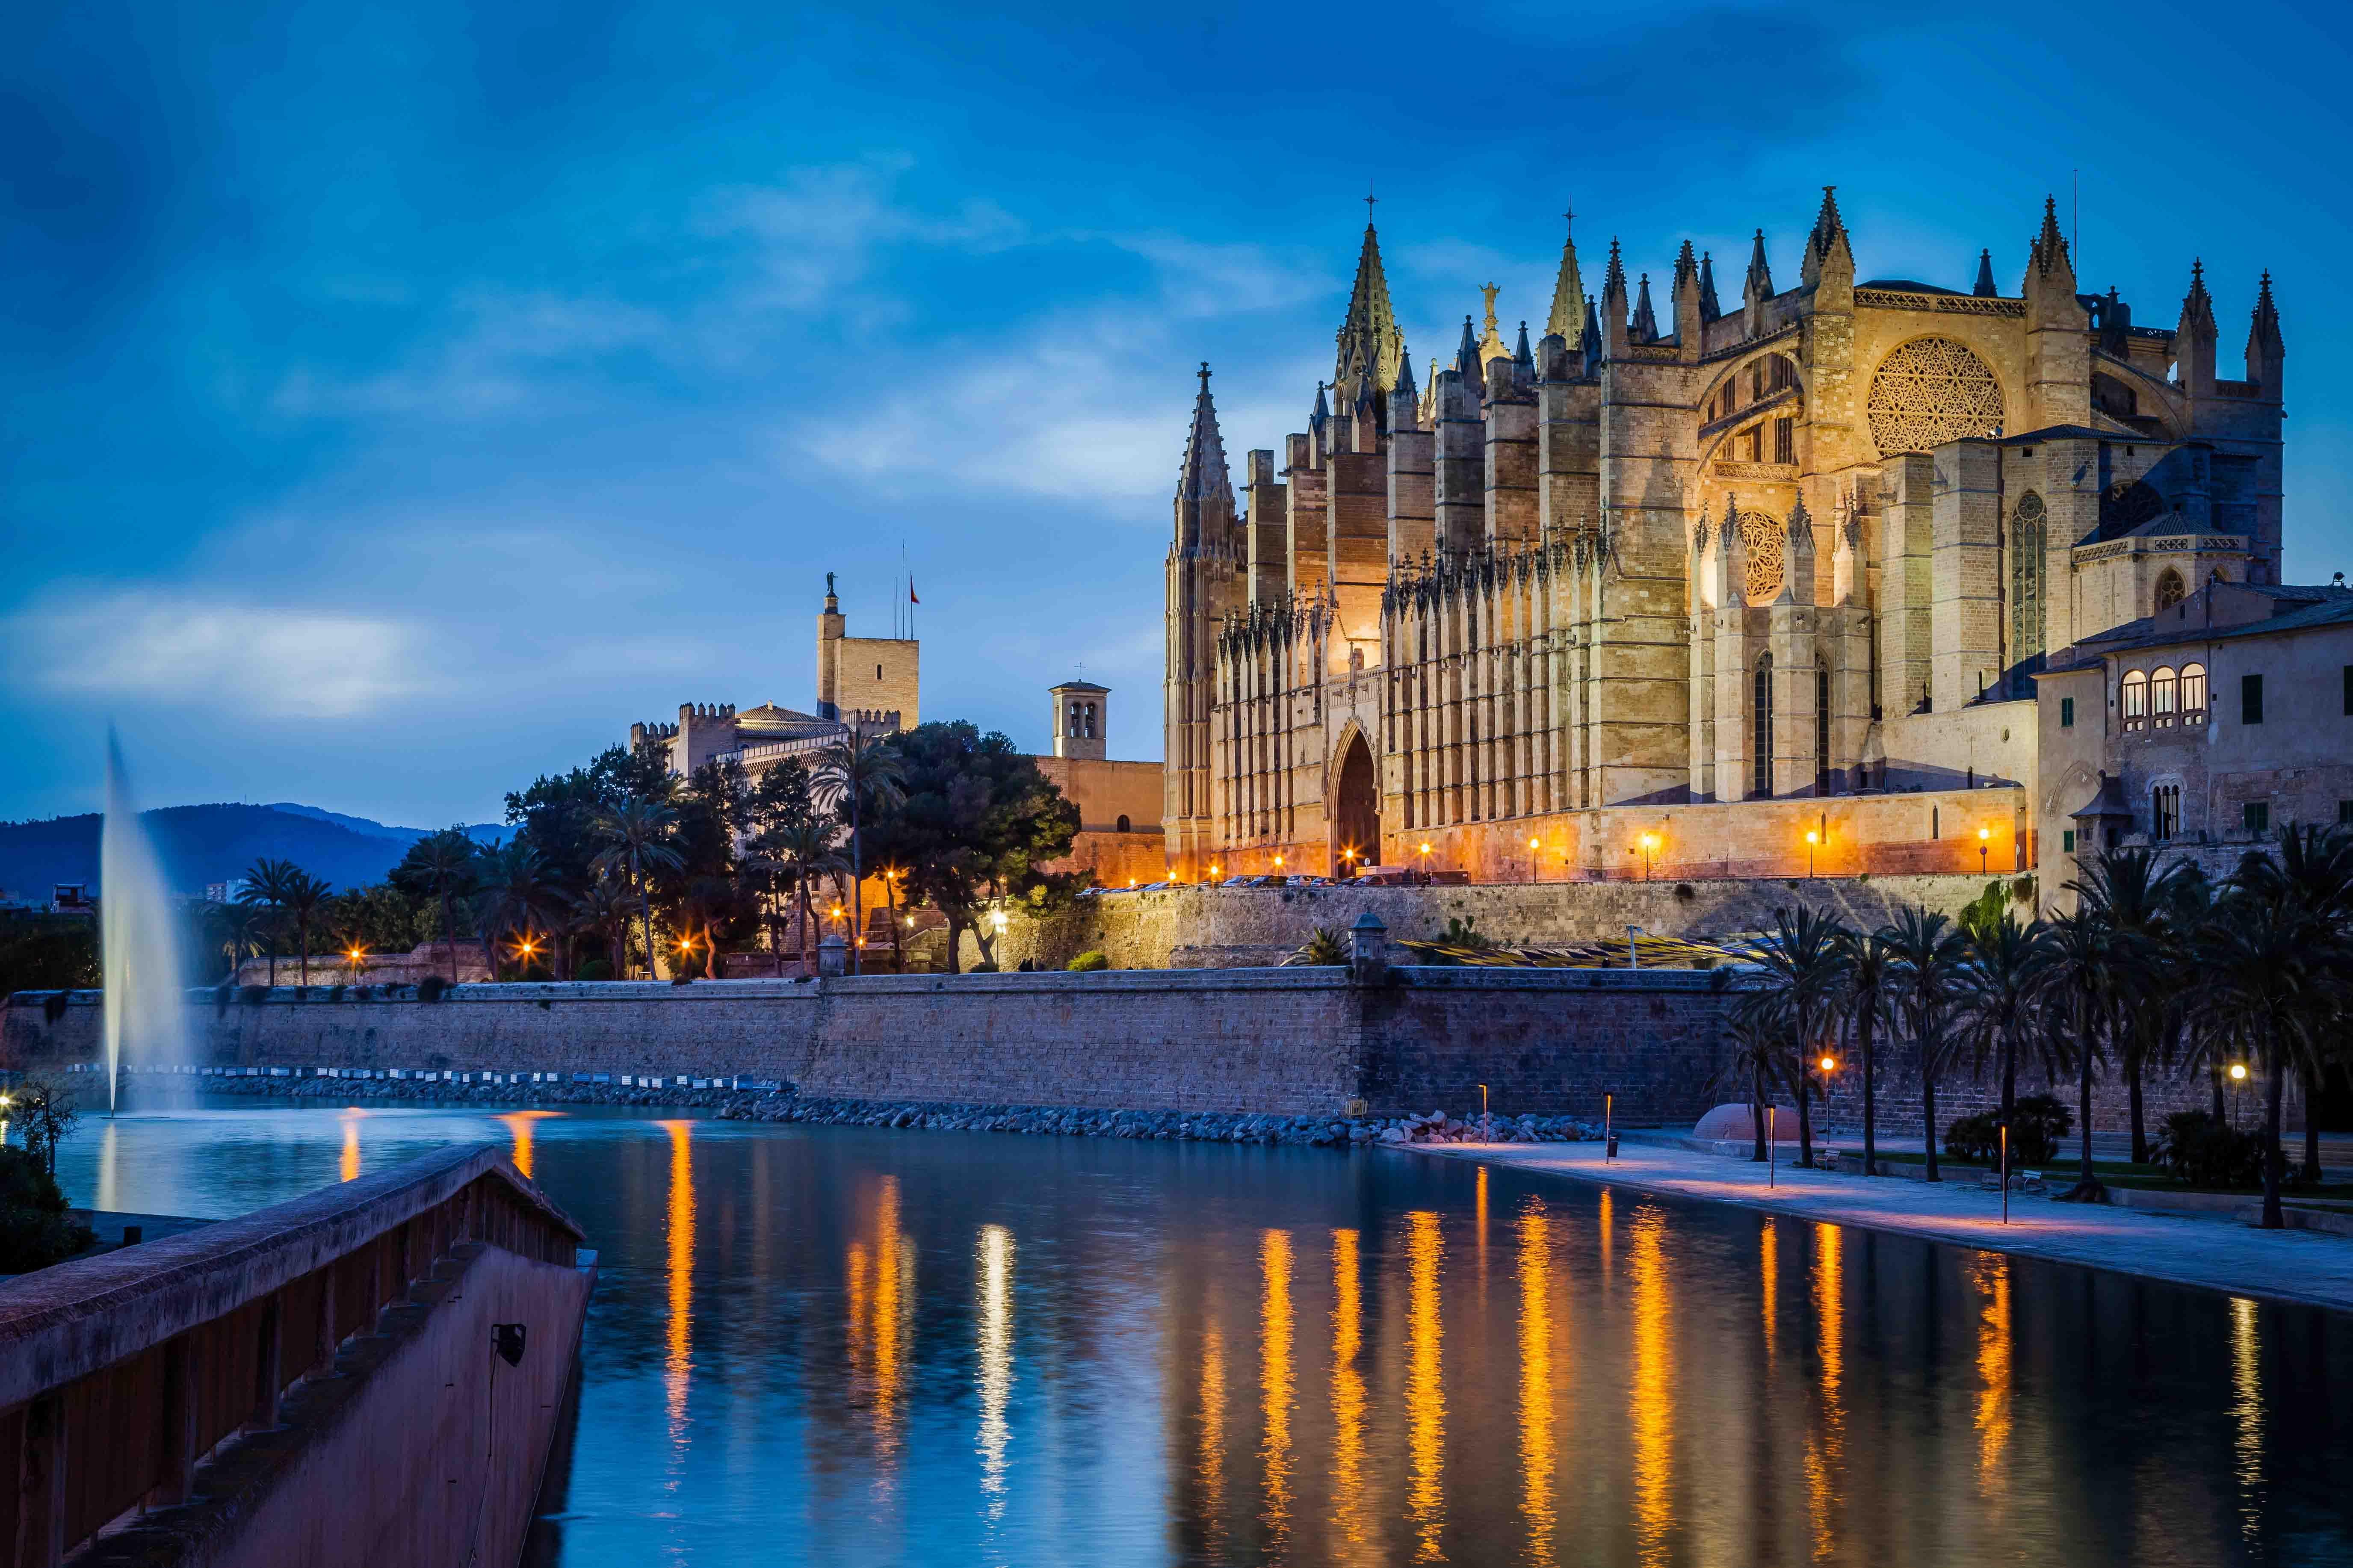 La catedral de palma de mallorca la catedral de la luz - Fotografia palma de mallorca ...